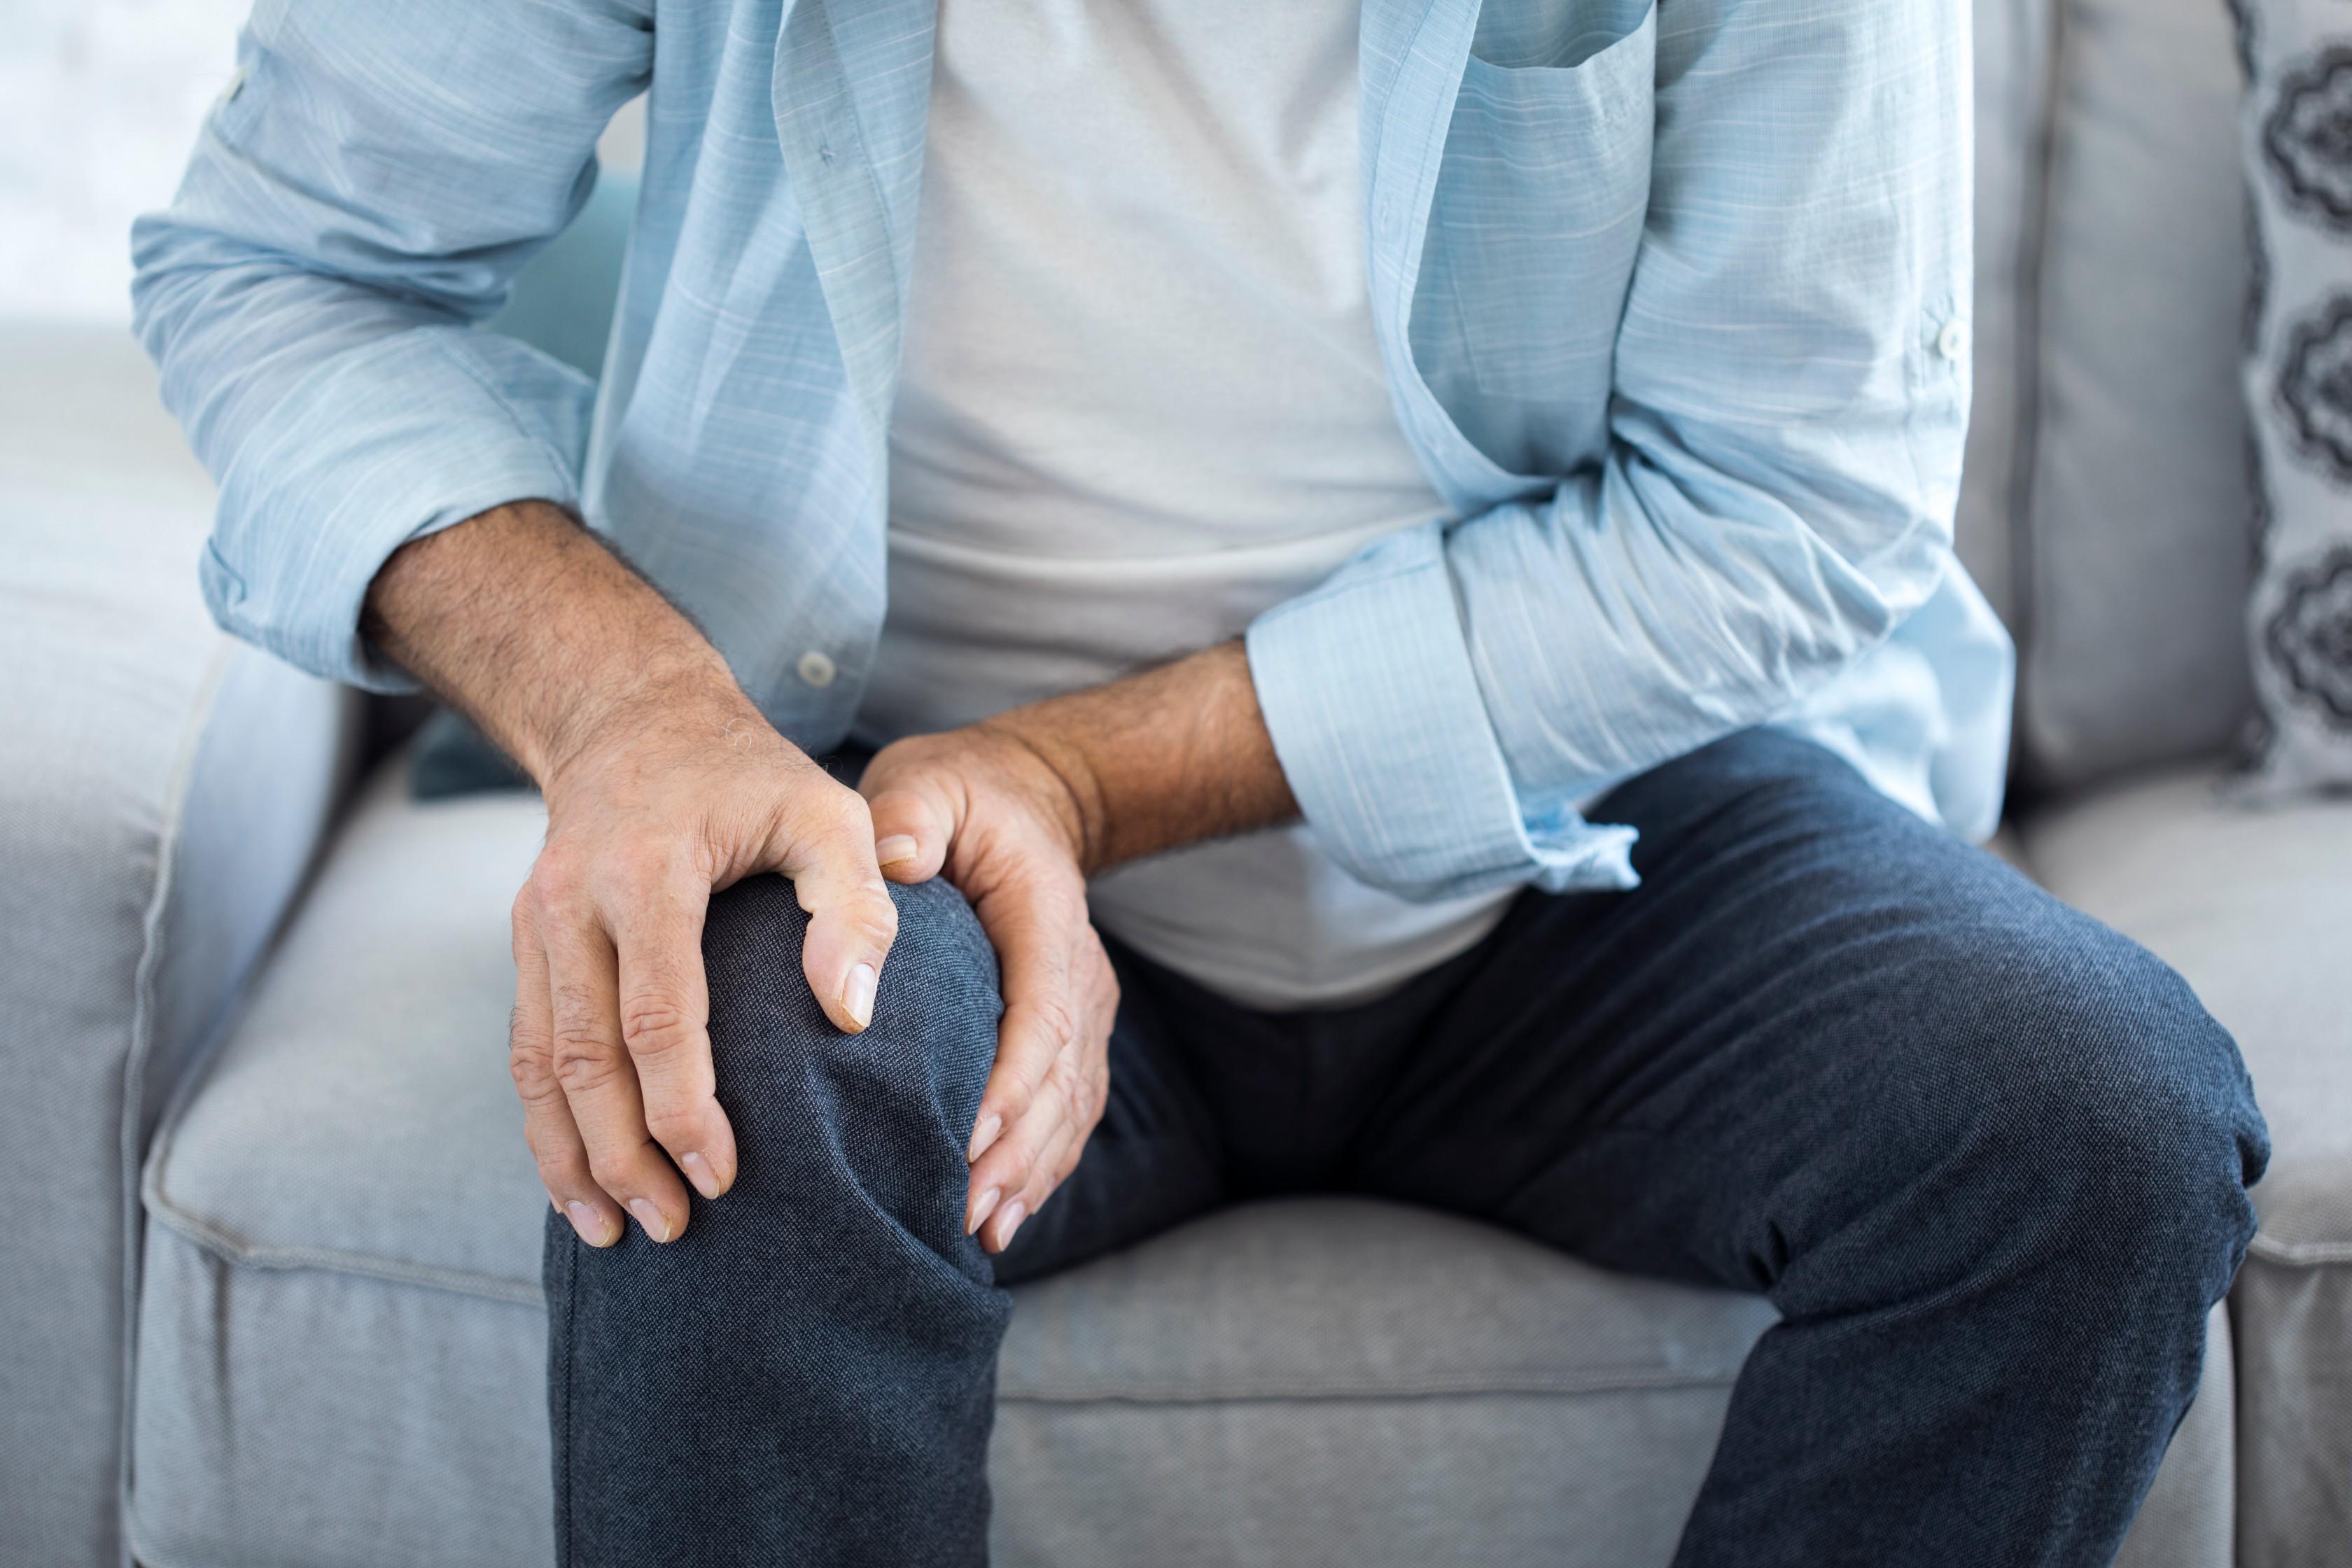 ízületek futó fájdalma a lábak ízületeiben